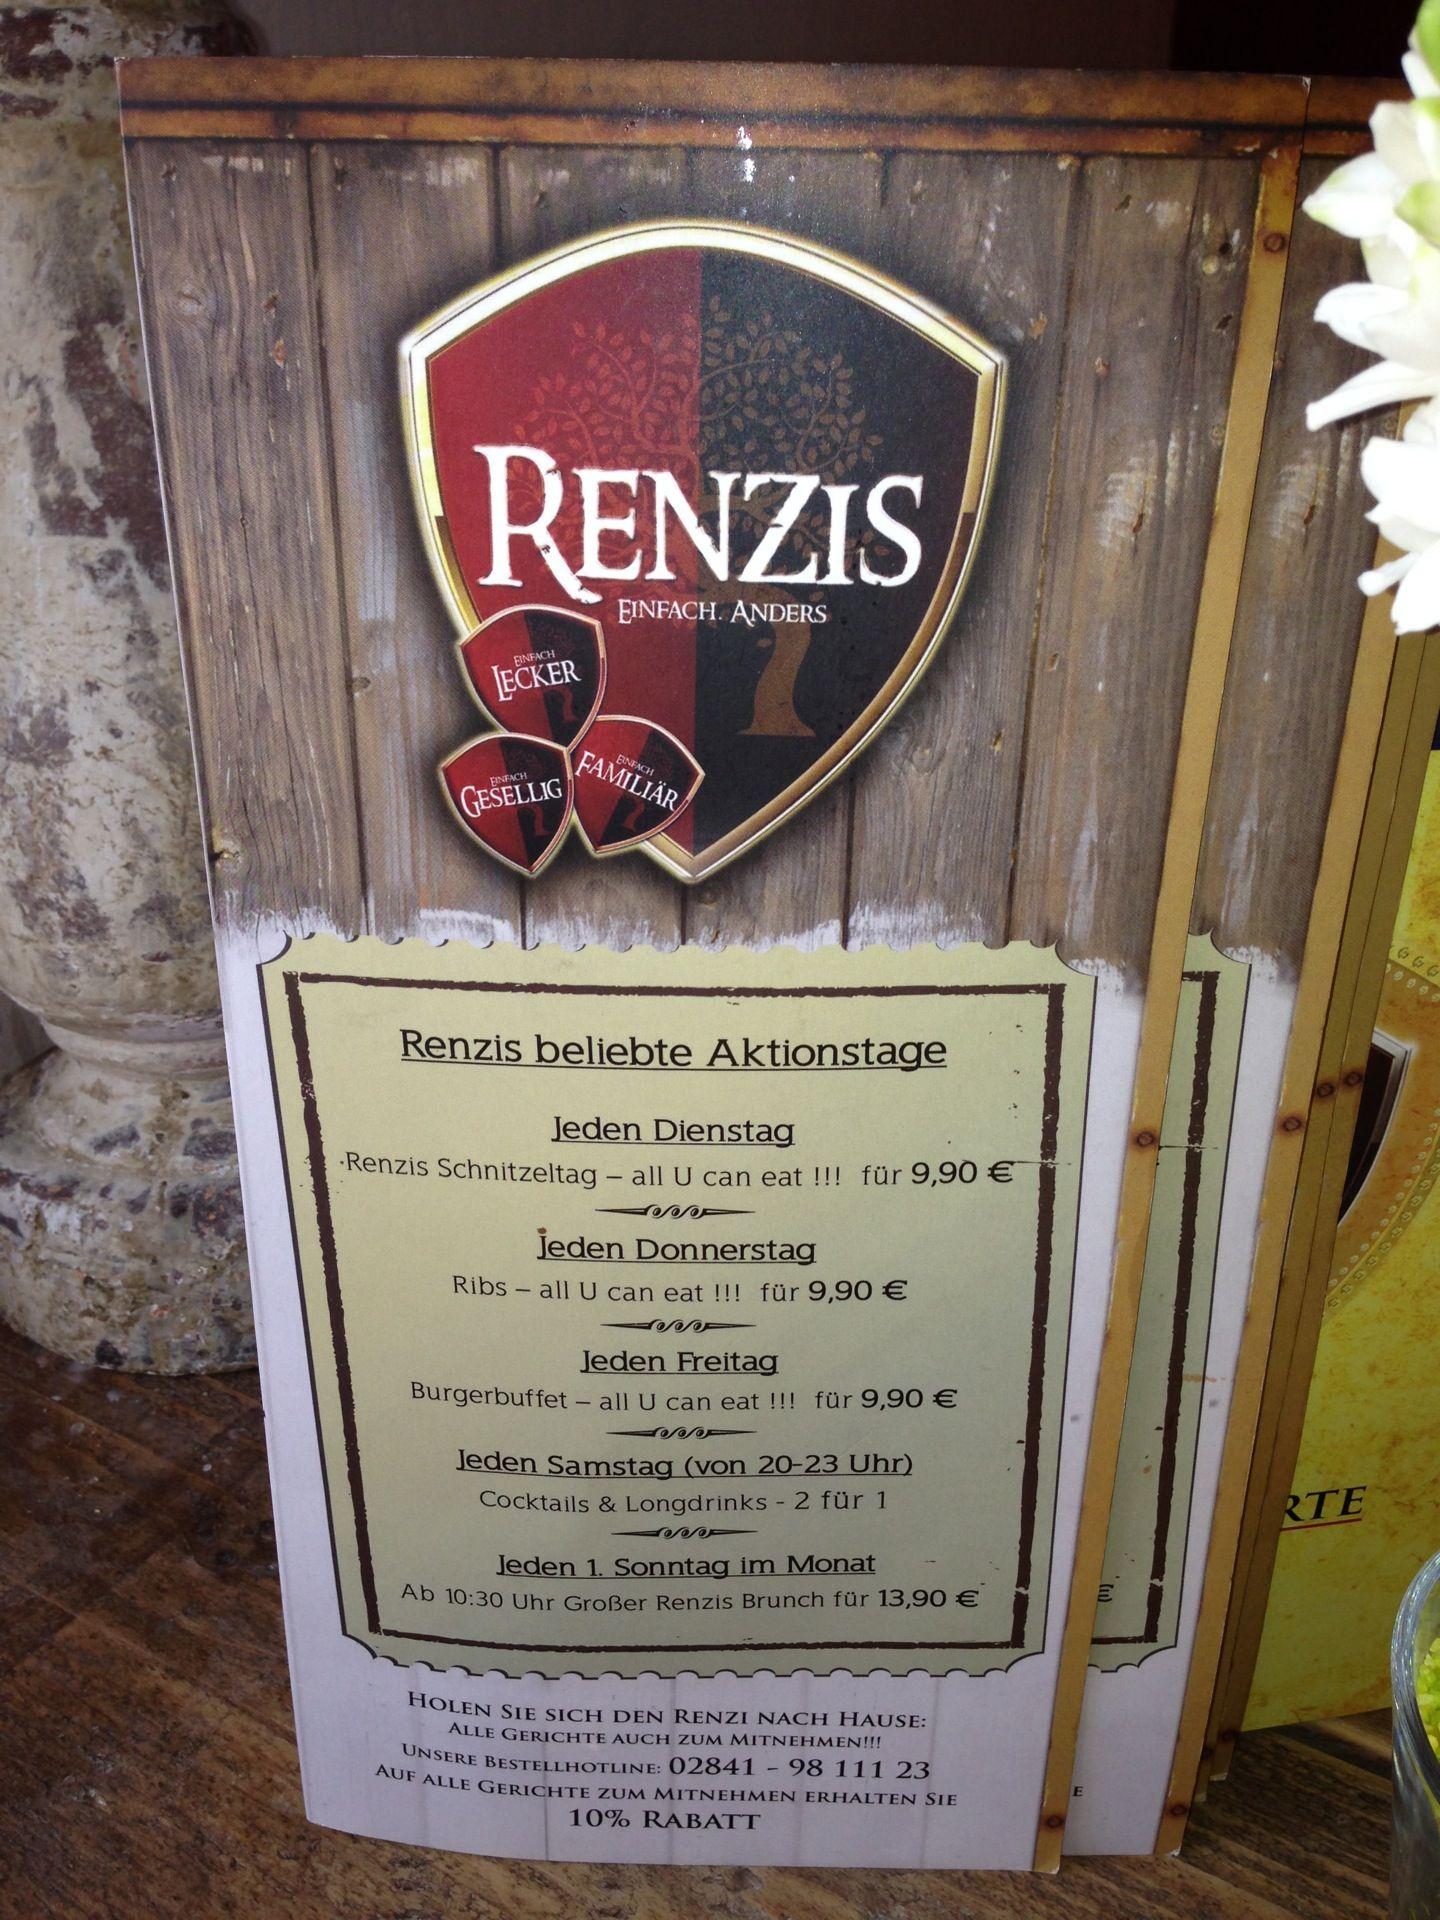 Renzis in duisburg nordrhein westfalen landhausfeeling pur umgebautes bauernhaus mit toller küche hochzeiten jubiläen geburtstage firmen events